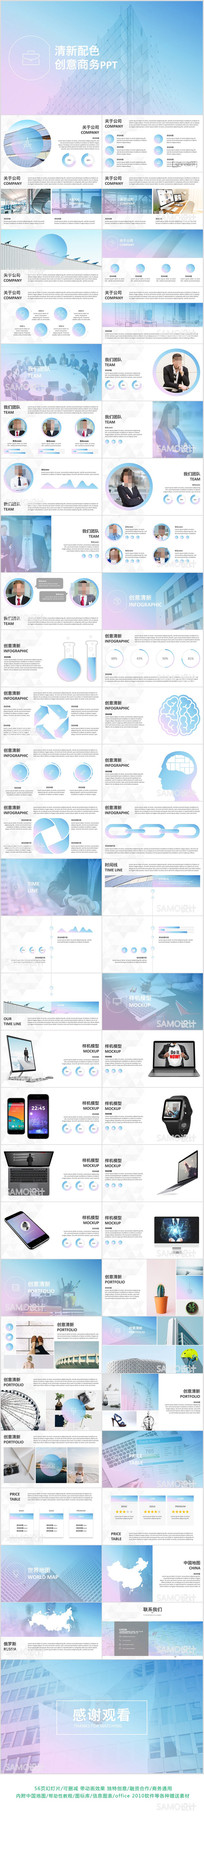 清新配色简约企业宣传融资创意风ppt模板